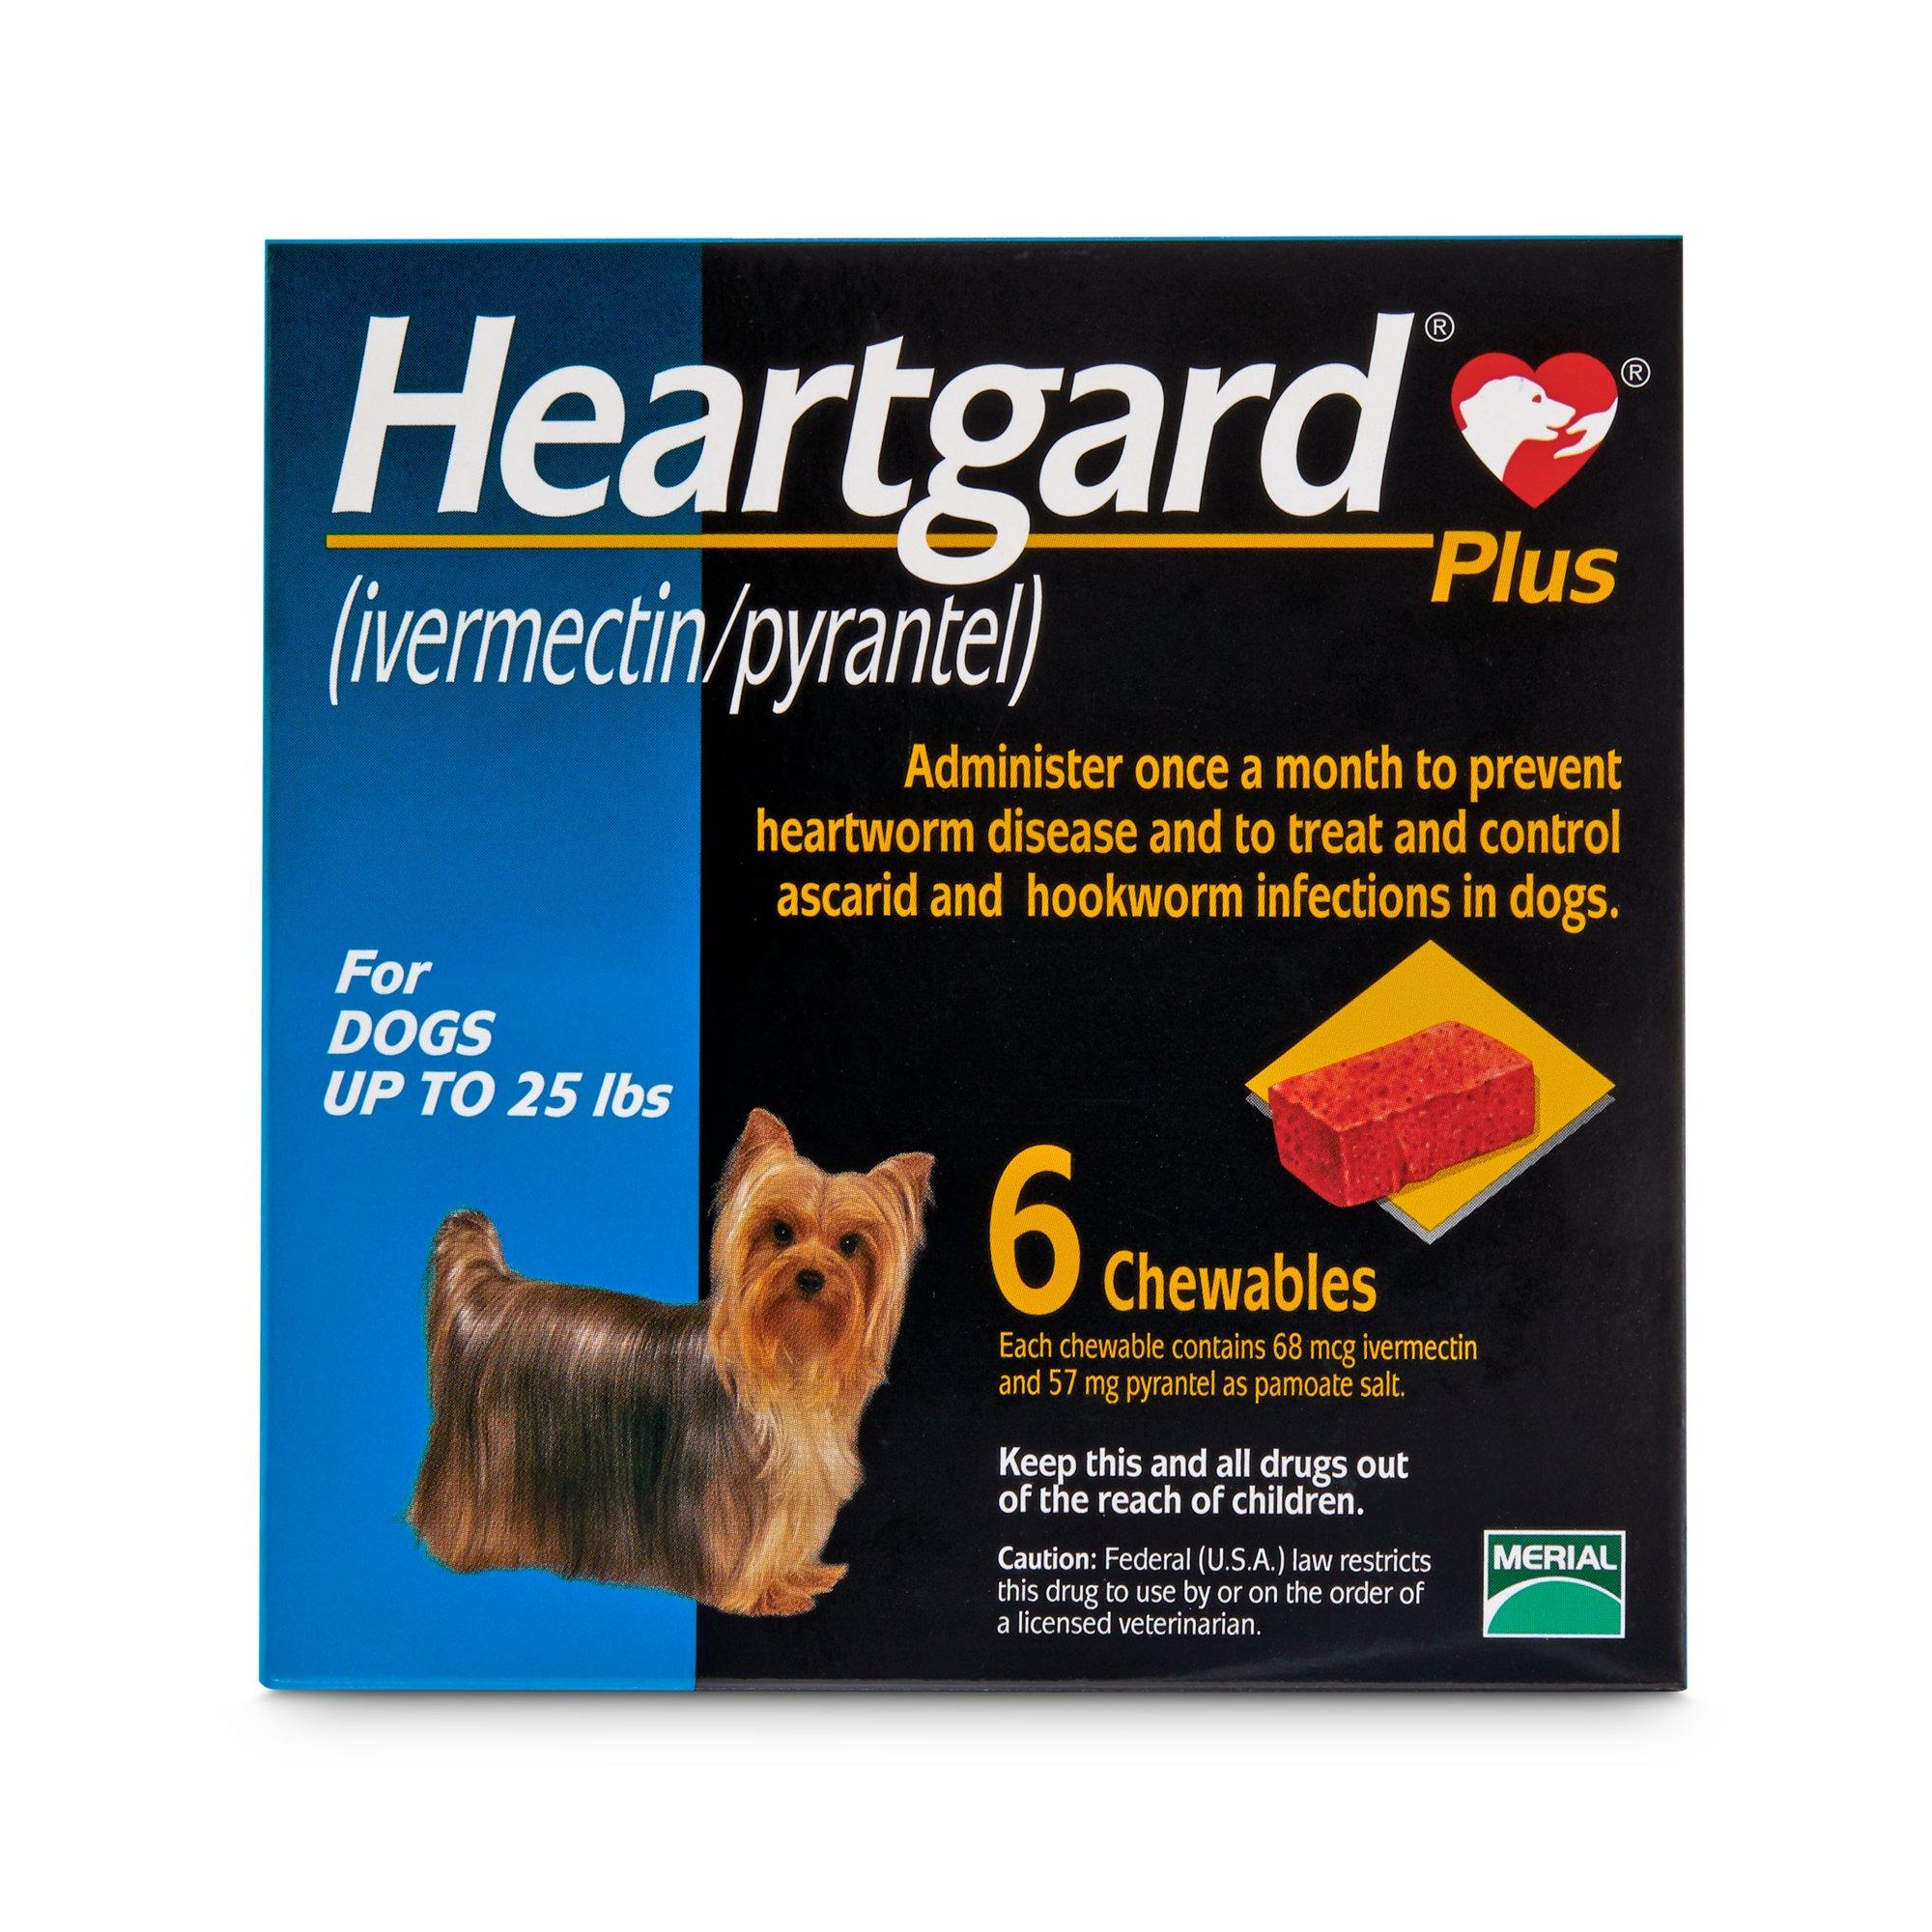 Sổ Giun Tim + Giun Đũa + Giun Móc Heartgard® Plus Mỹ (Dạng viên) Dưới 11.5kg